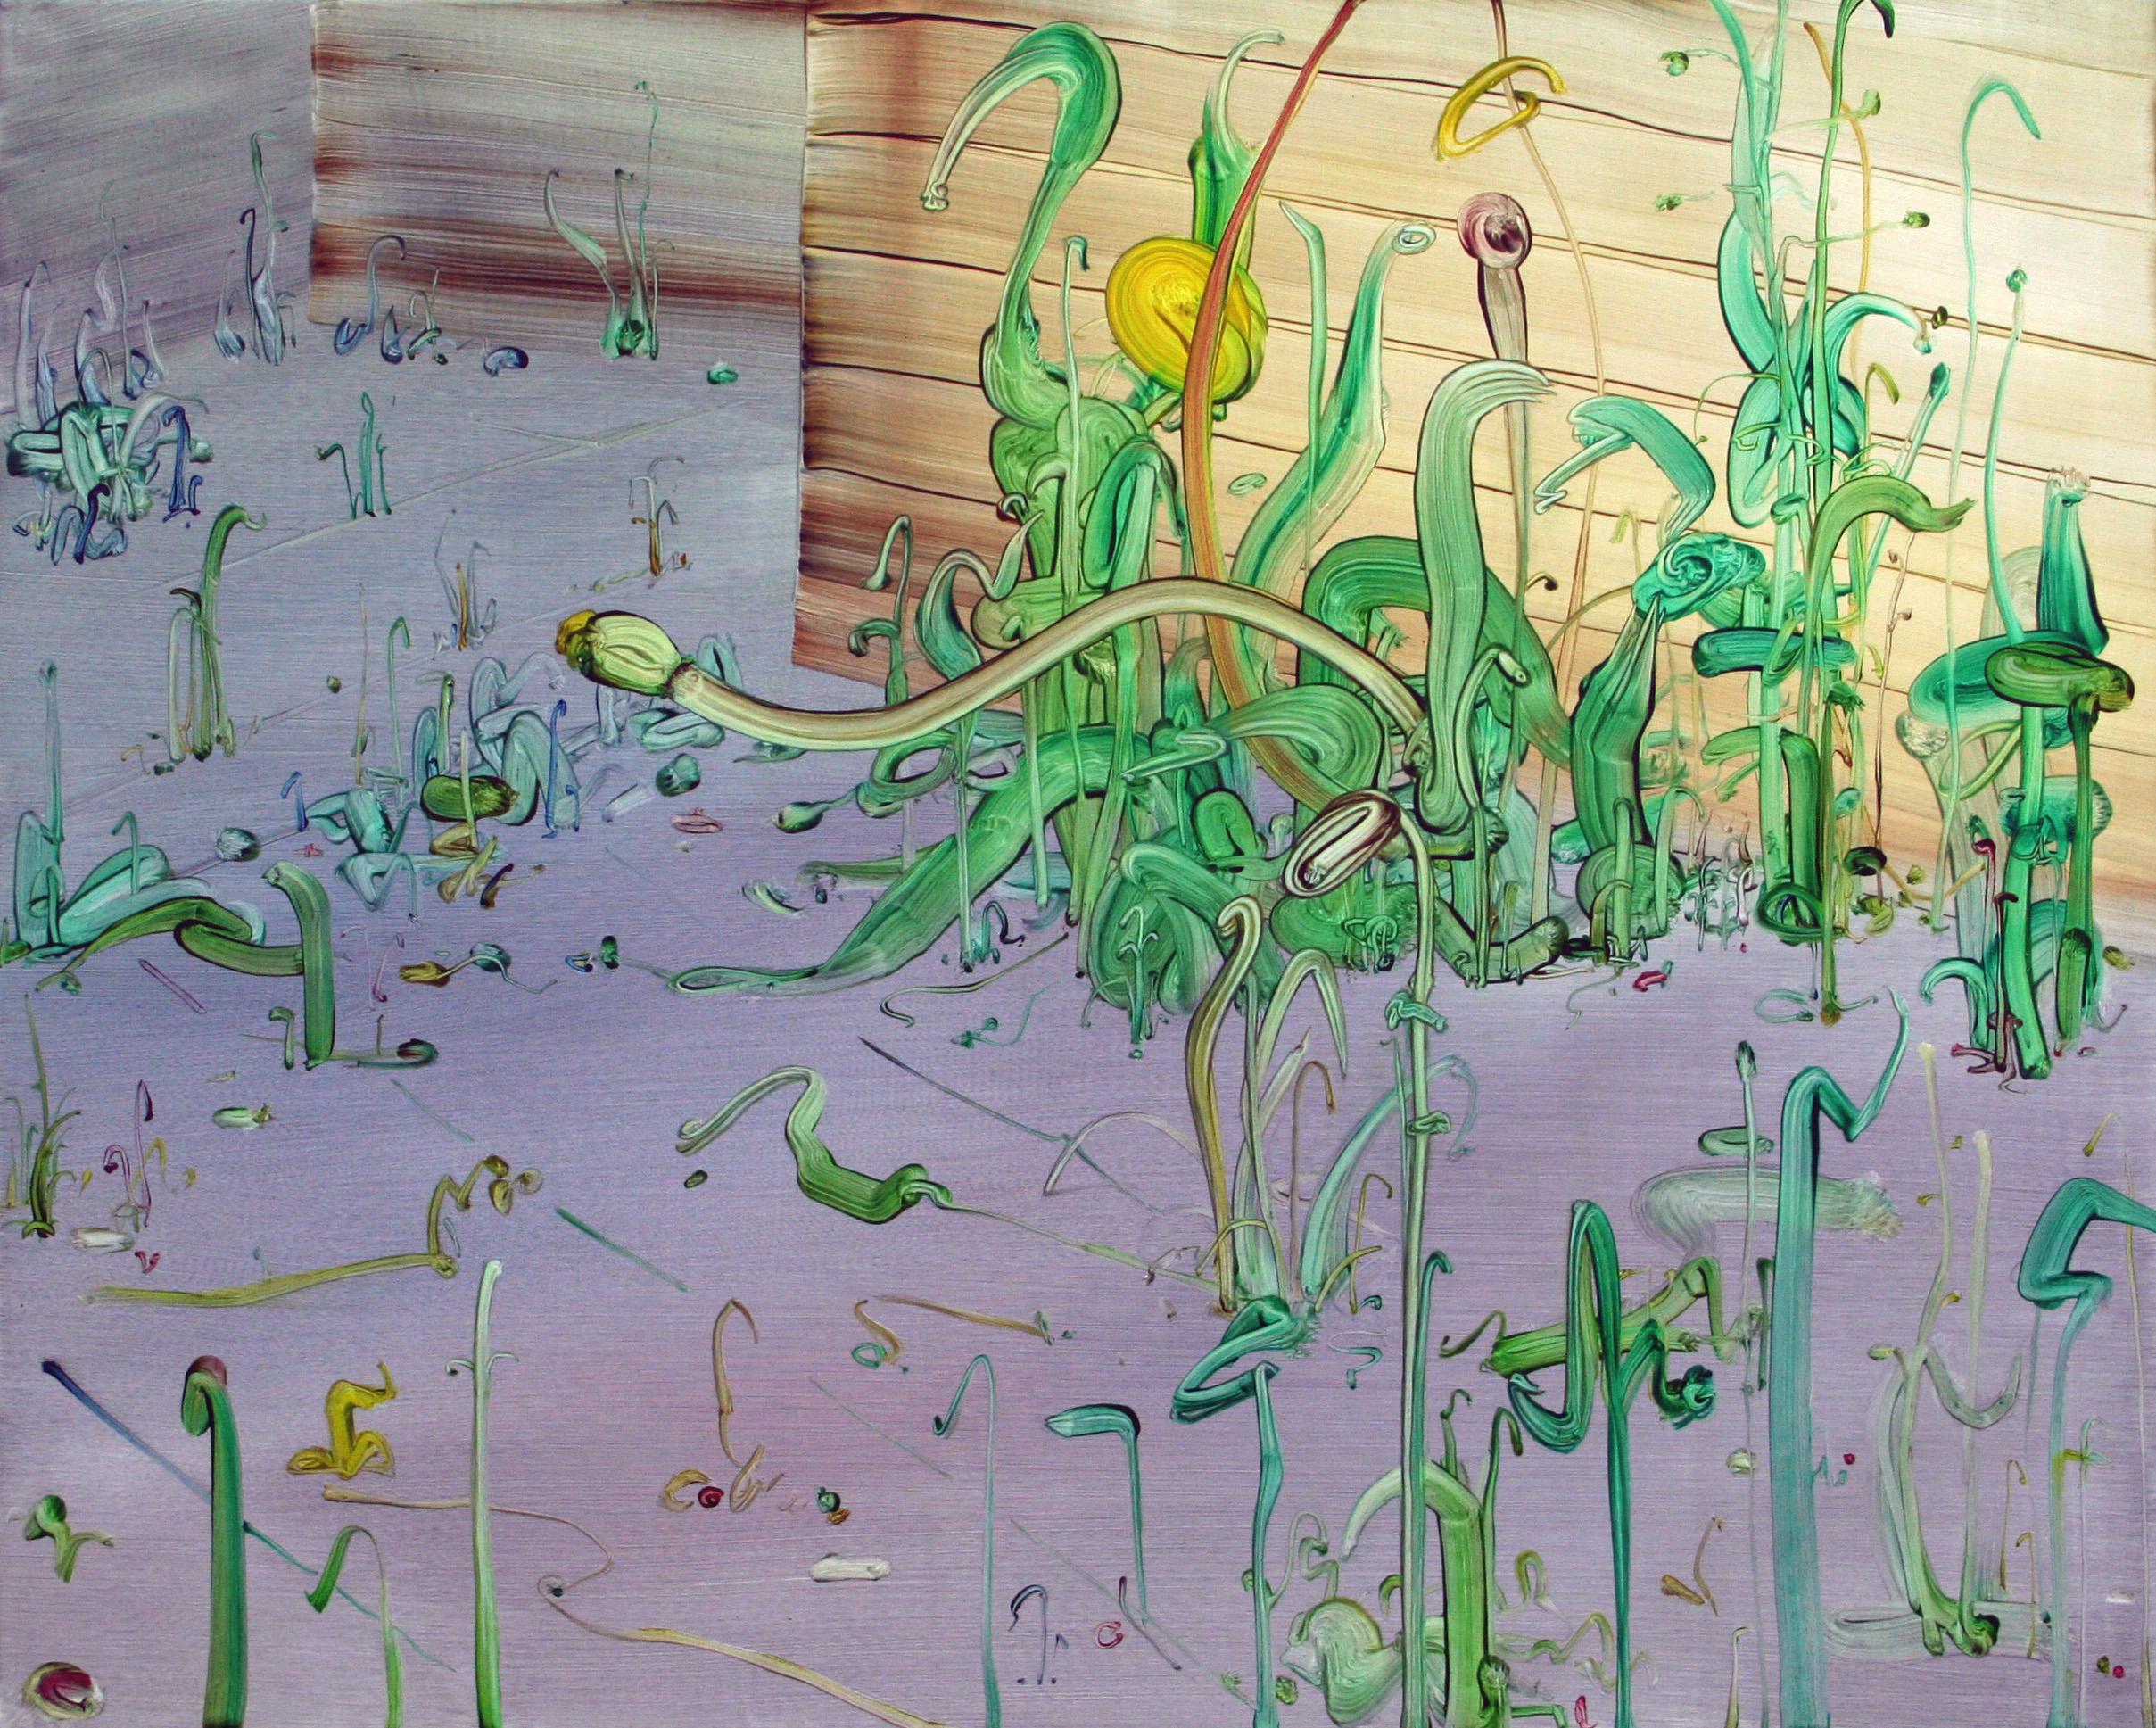 Taraxacum,2013, oil on canvas,80 x 100 cm